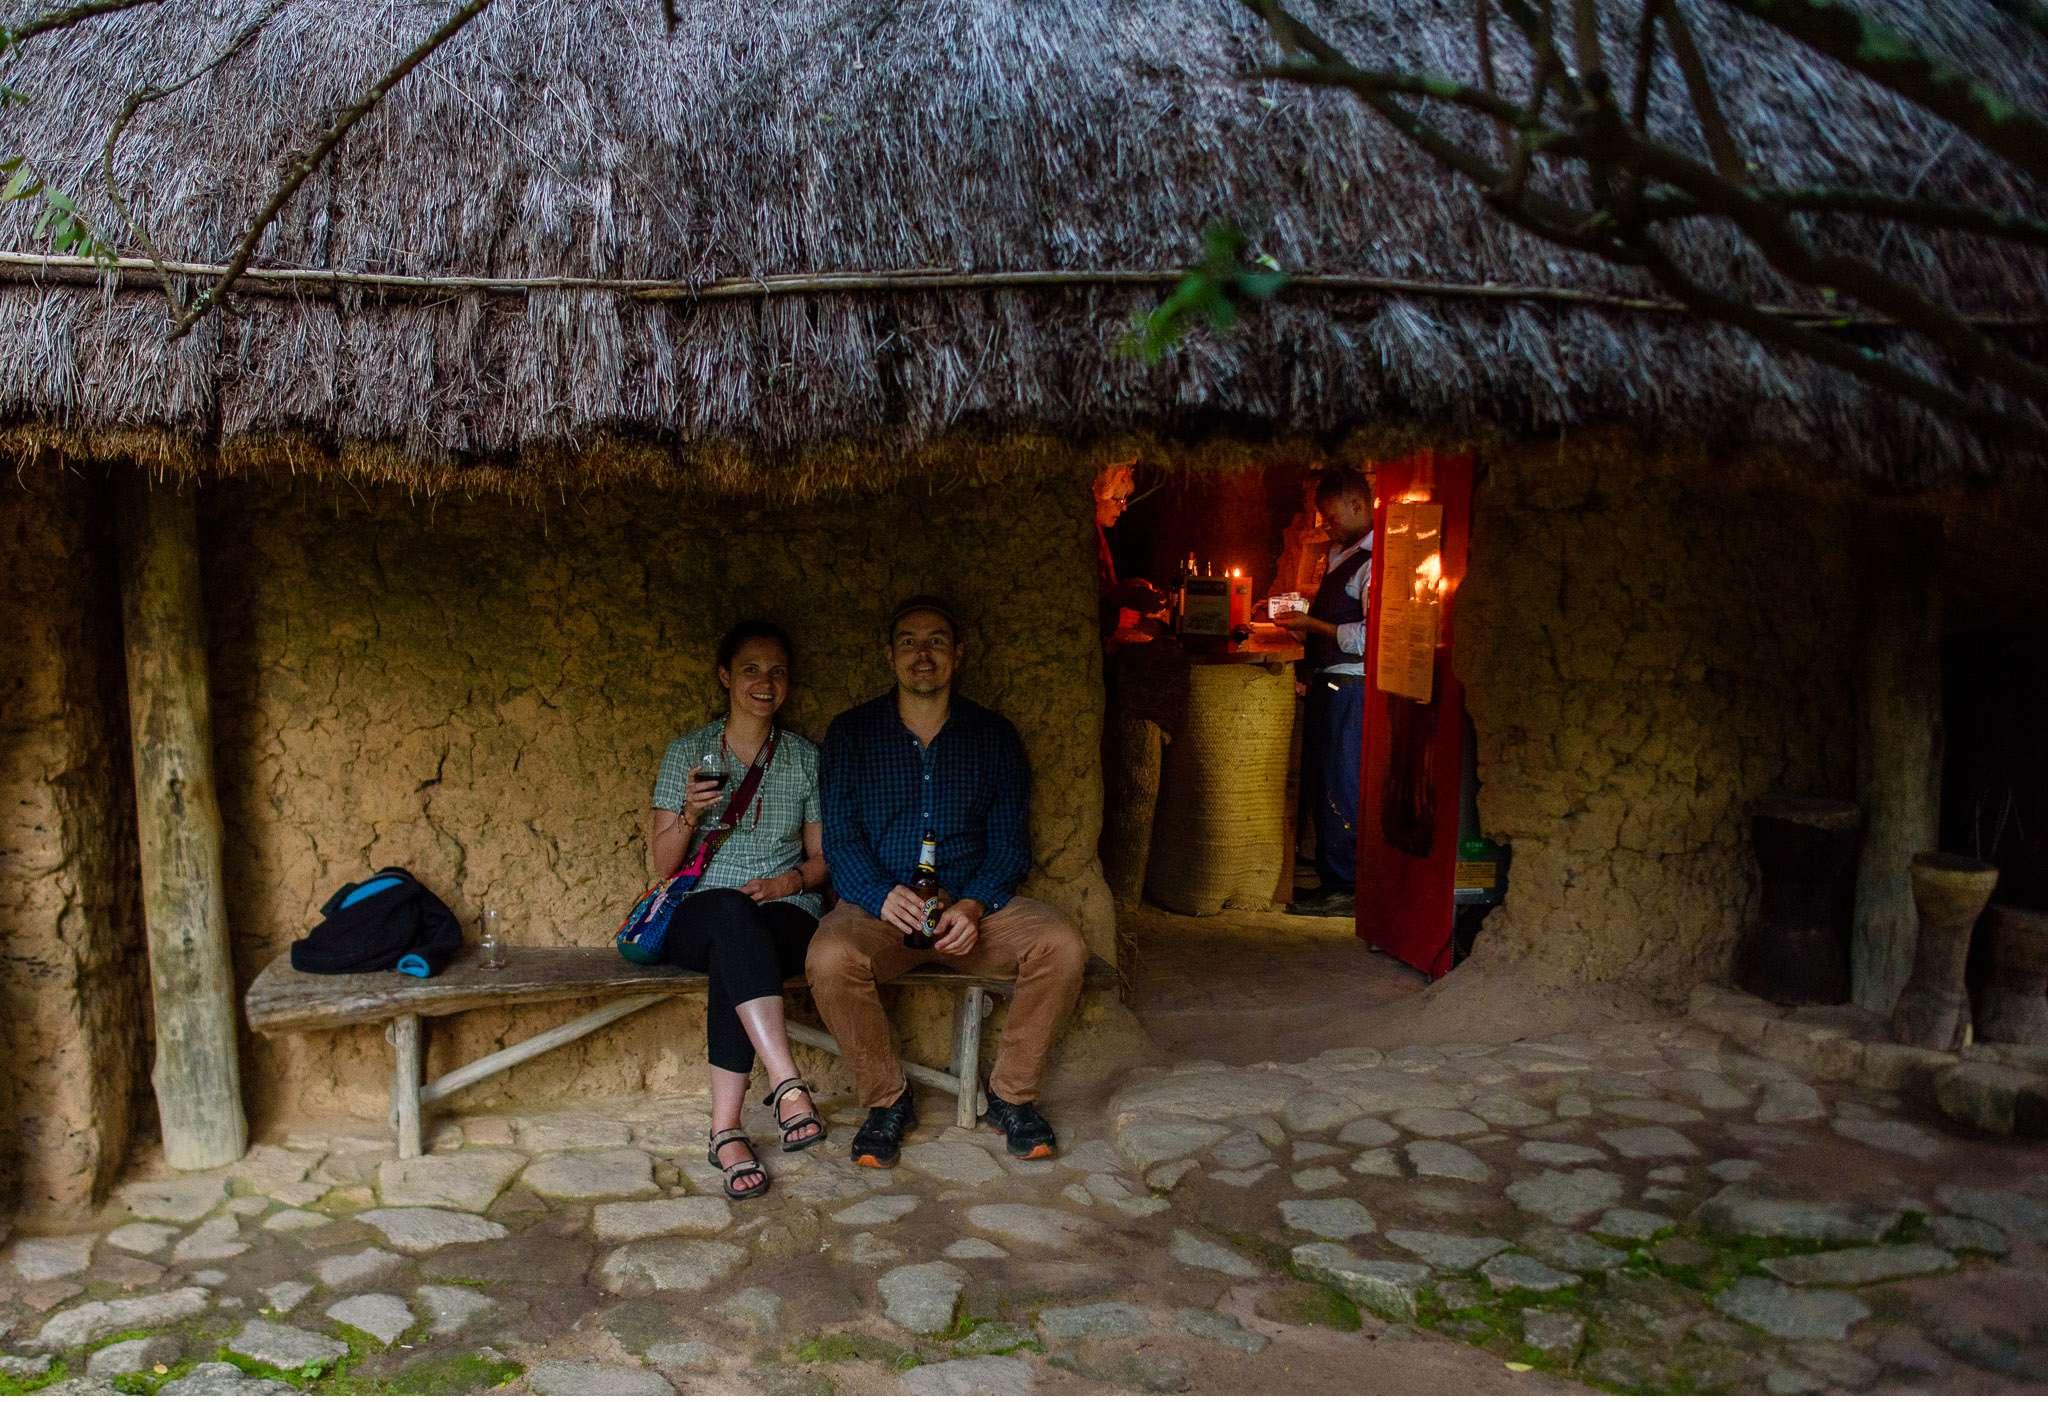 Malawi-Quer durch Afrika- Geschichten von unterwegs by Marion and Daniel-102